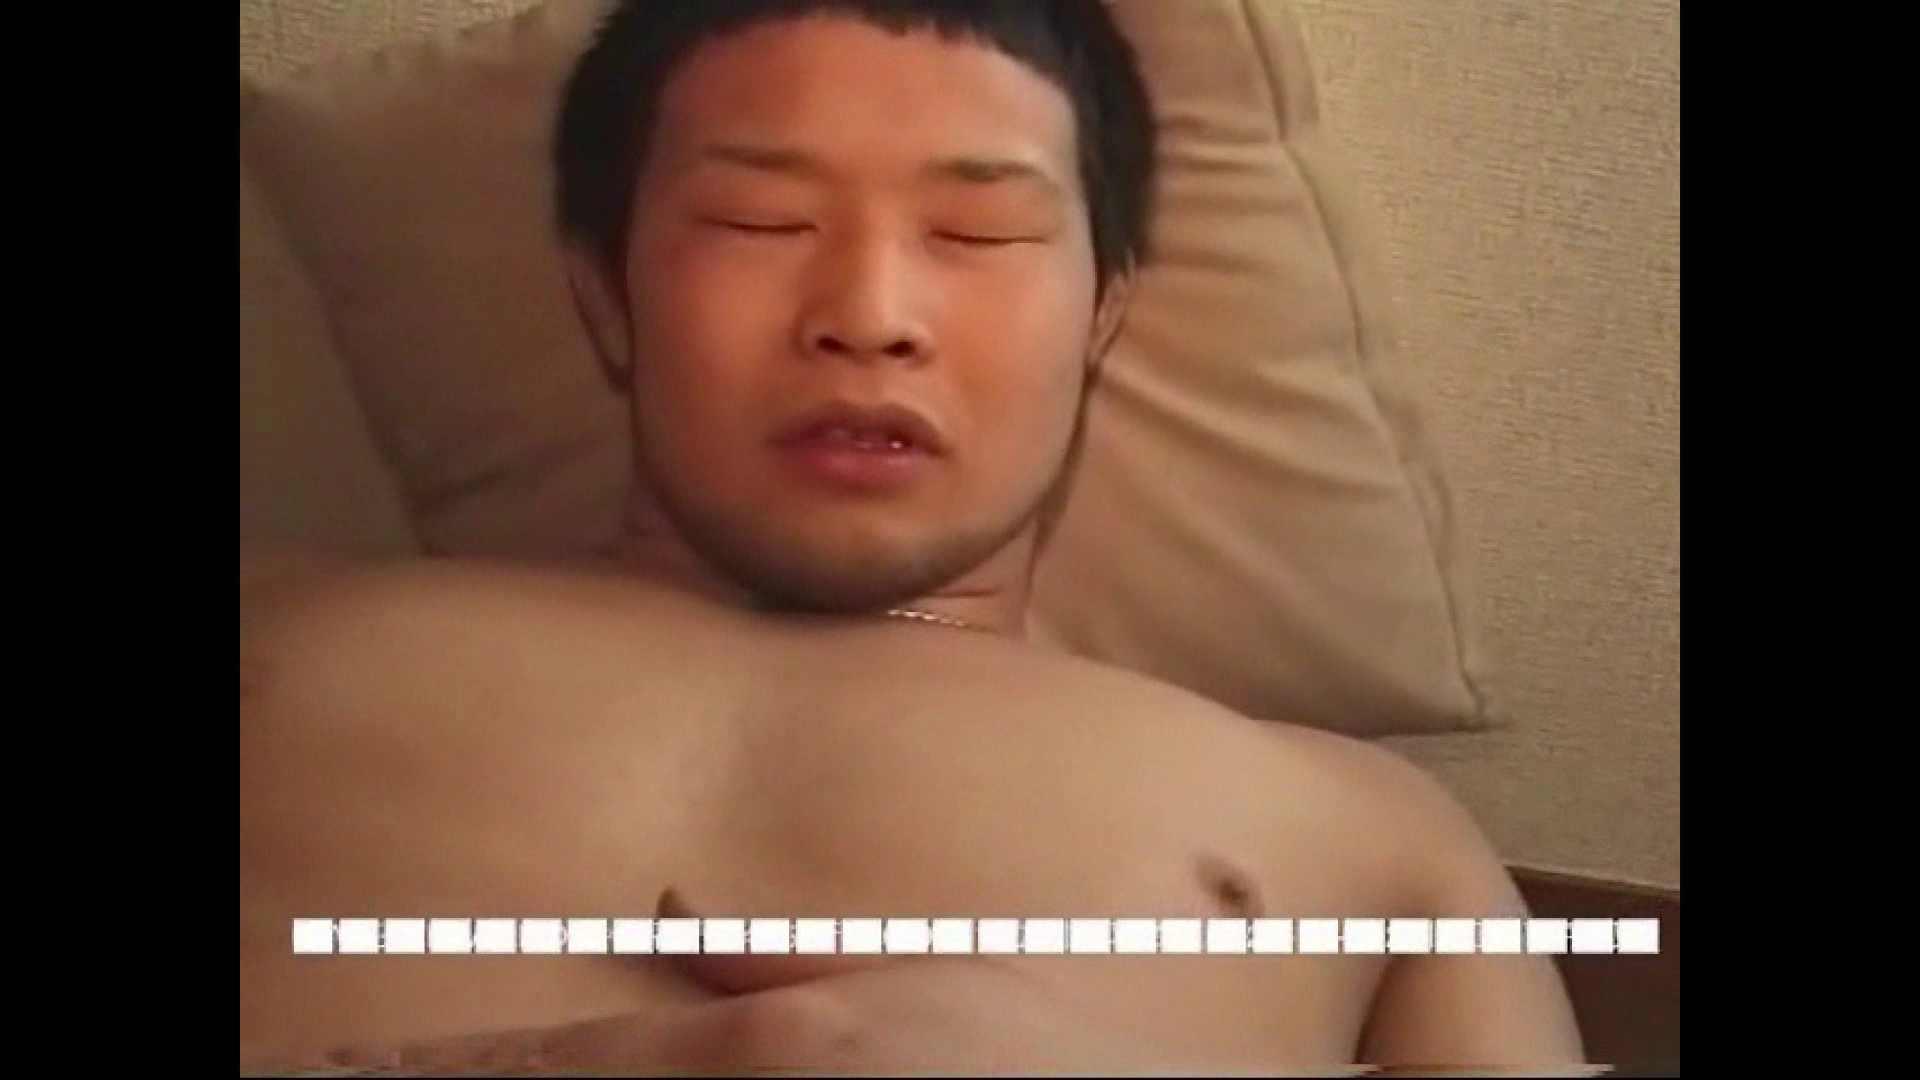 オナれ!集まれ!イケてるメンズ達!!File.37 スジ筋系男子 ゲイ射精画像 99枚 7